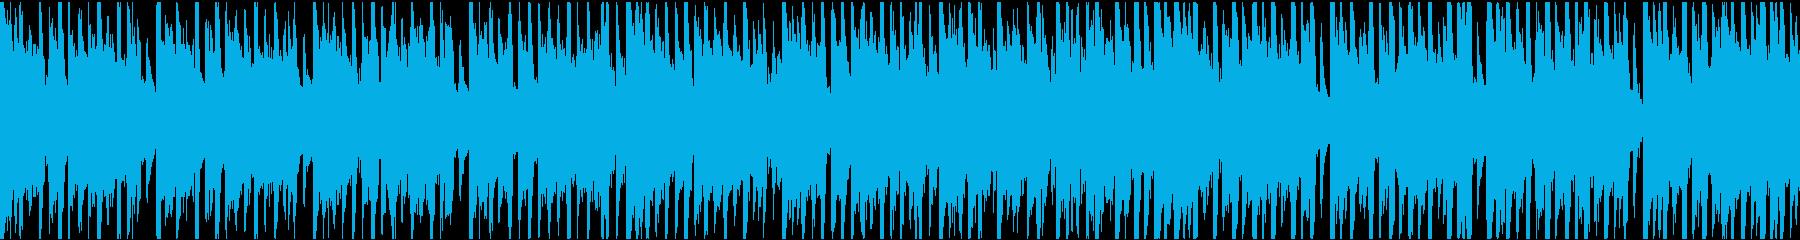 39秒でサビ、琴、電子音ダーク/ループの再生済みの波形